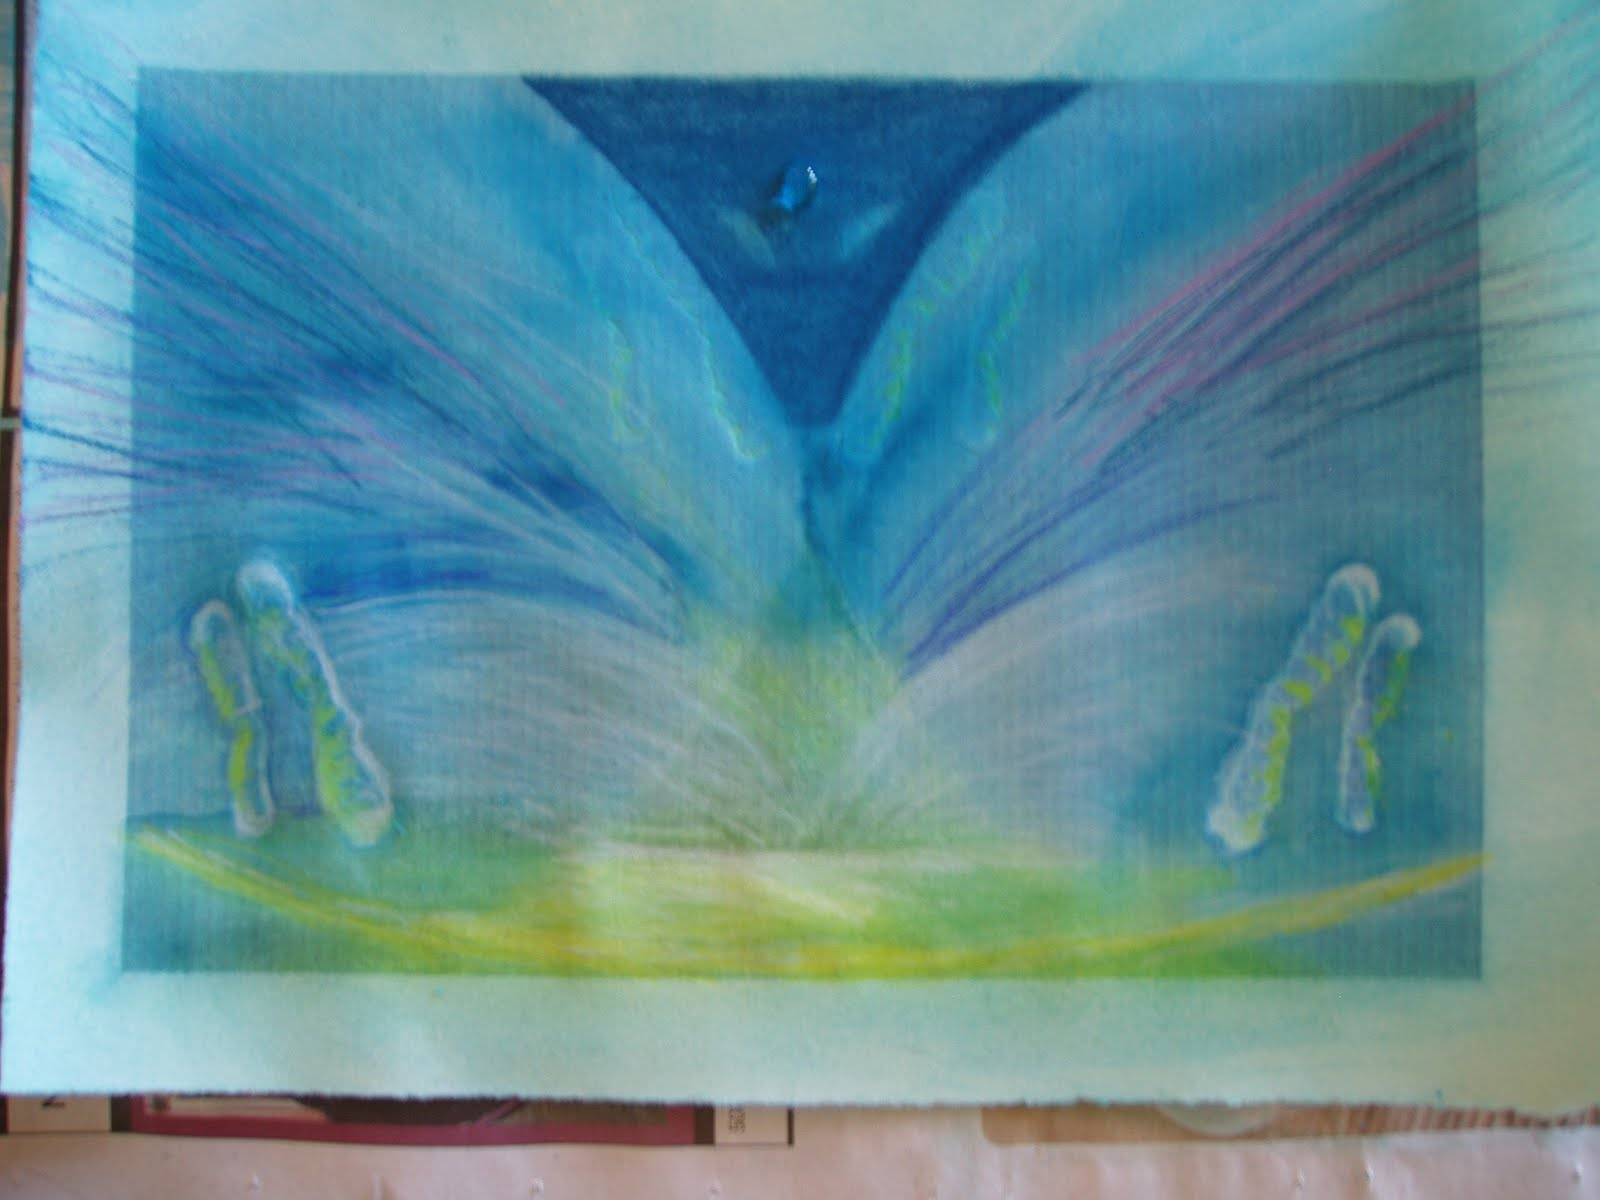 http://1.bp.blogspot.com/_Y9Q_XtRI7i8/S8TV3JceIlI/AAAAAAAABSQ/a5w0qSkrv4c/s1600/P1010464.JPG